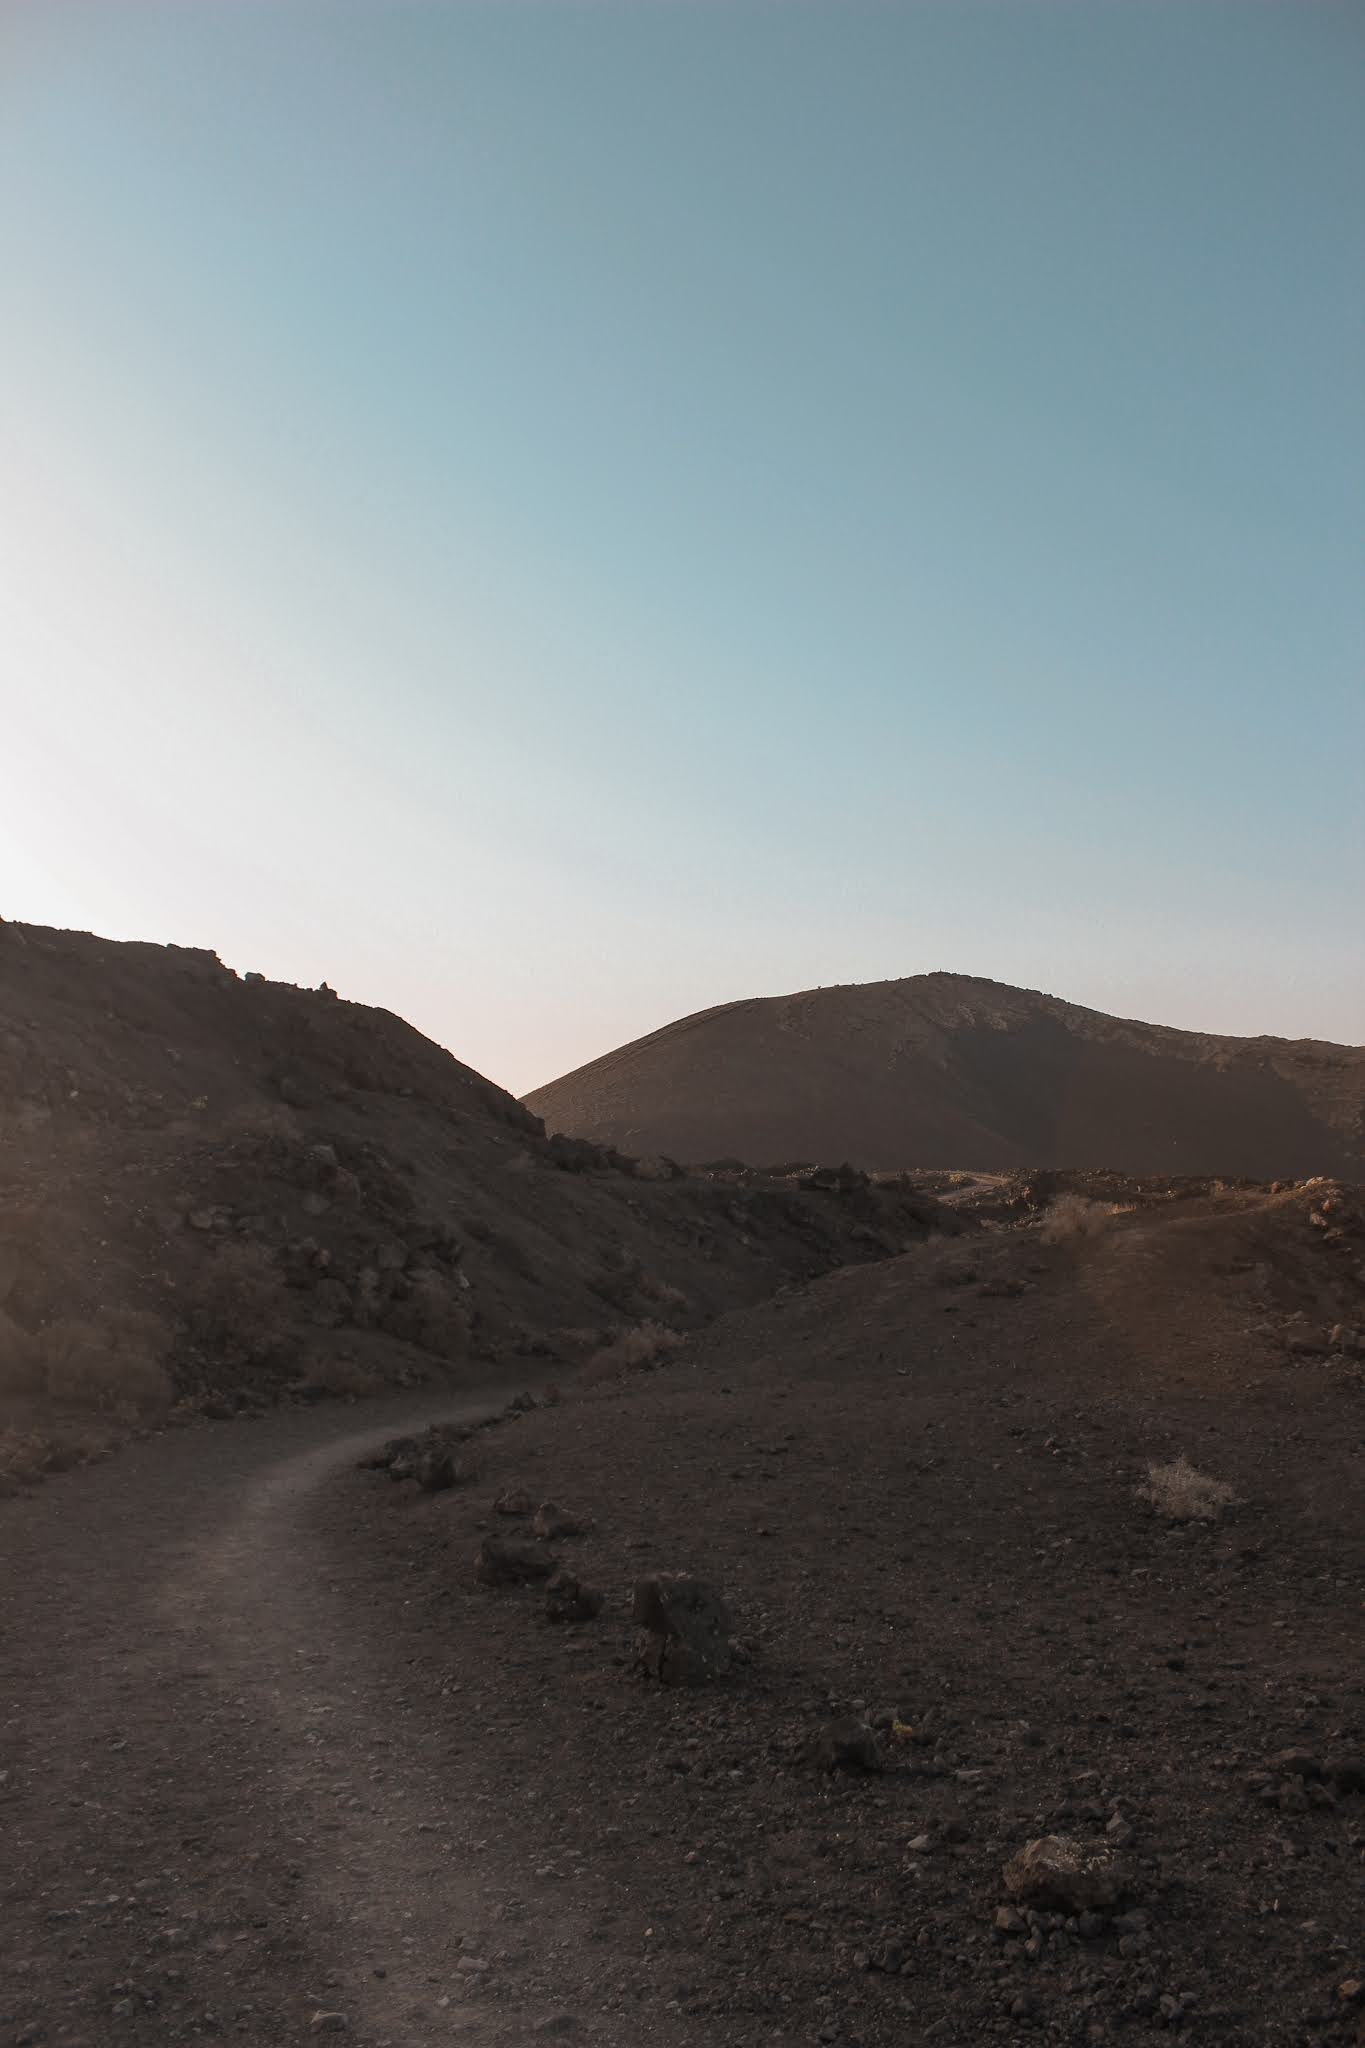 montaña-colorada-bomba-volcánica-lanzarote